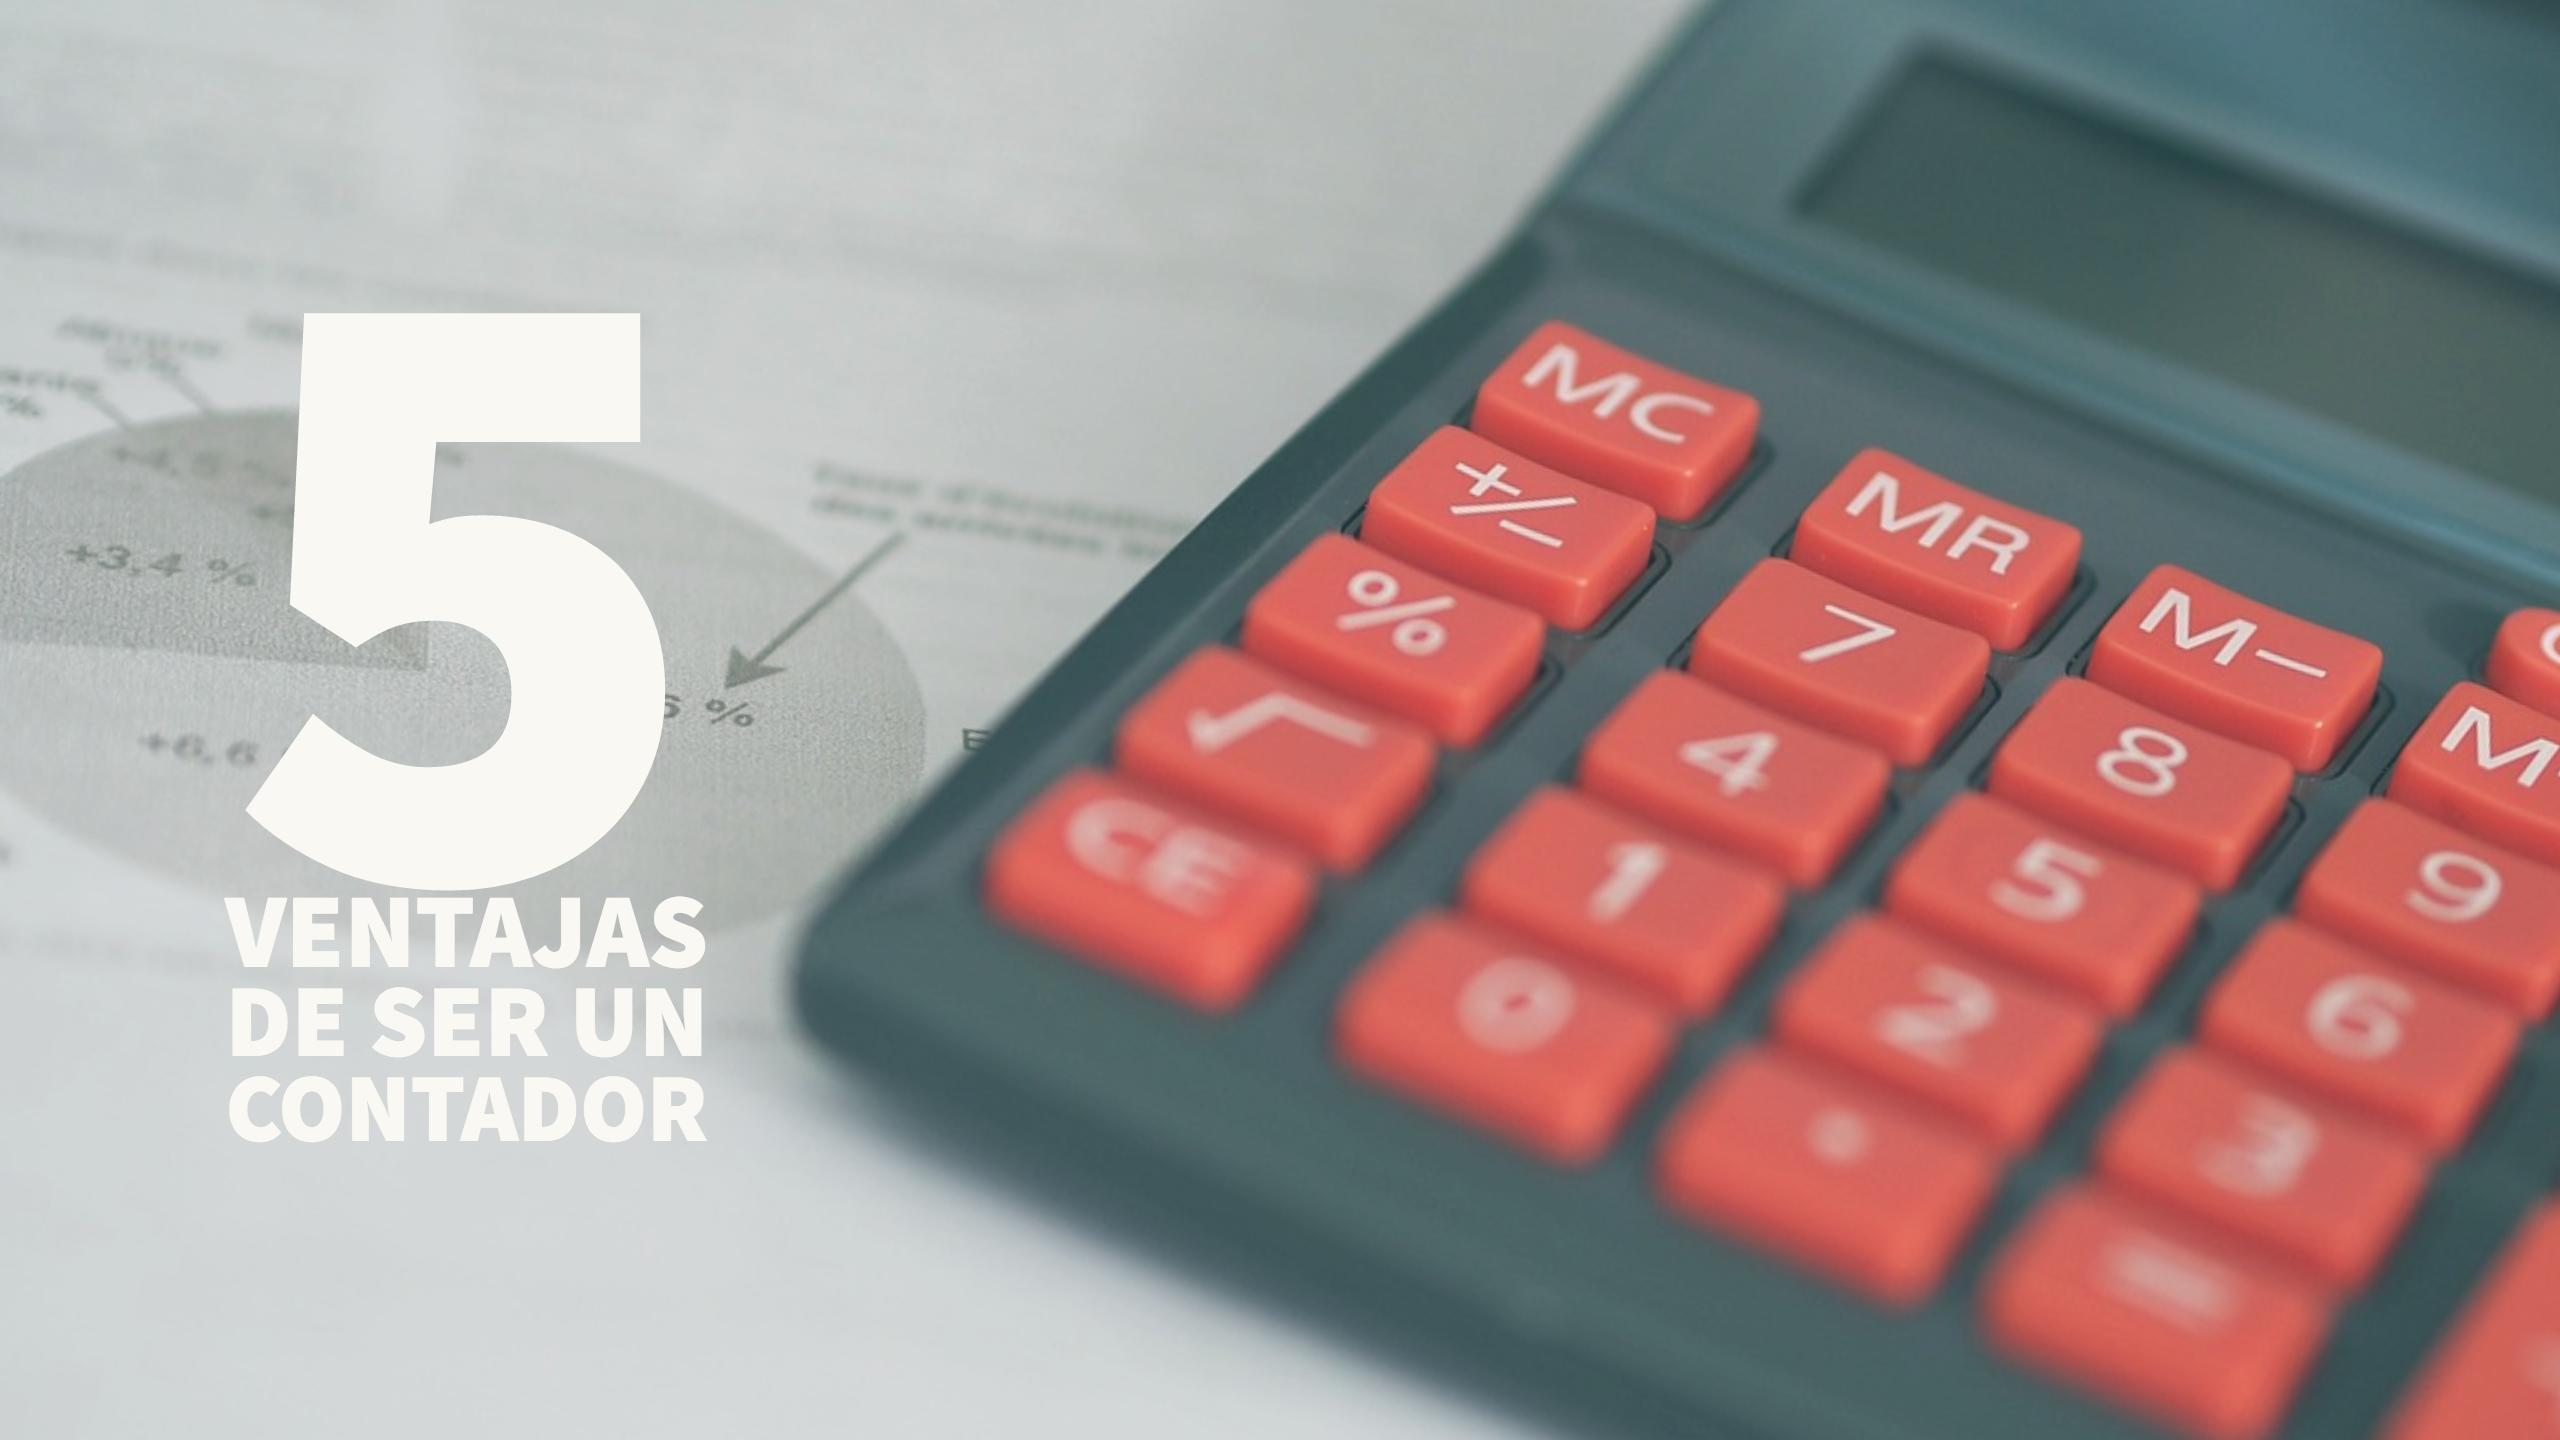 5 ventajas de ser un contador 1